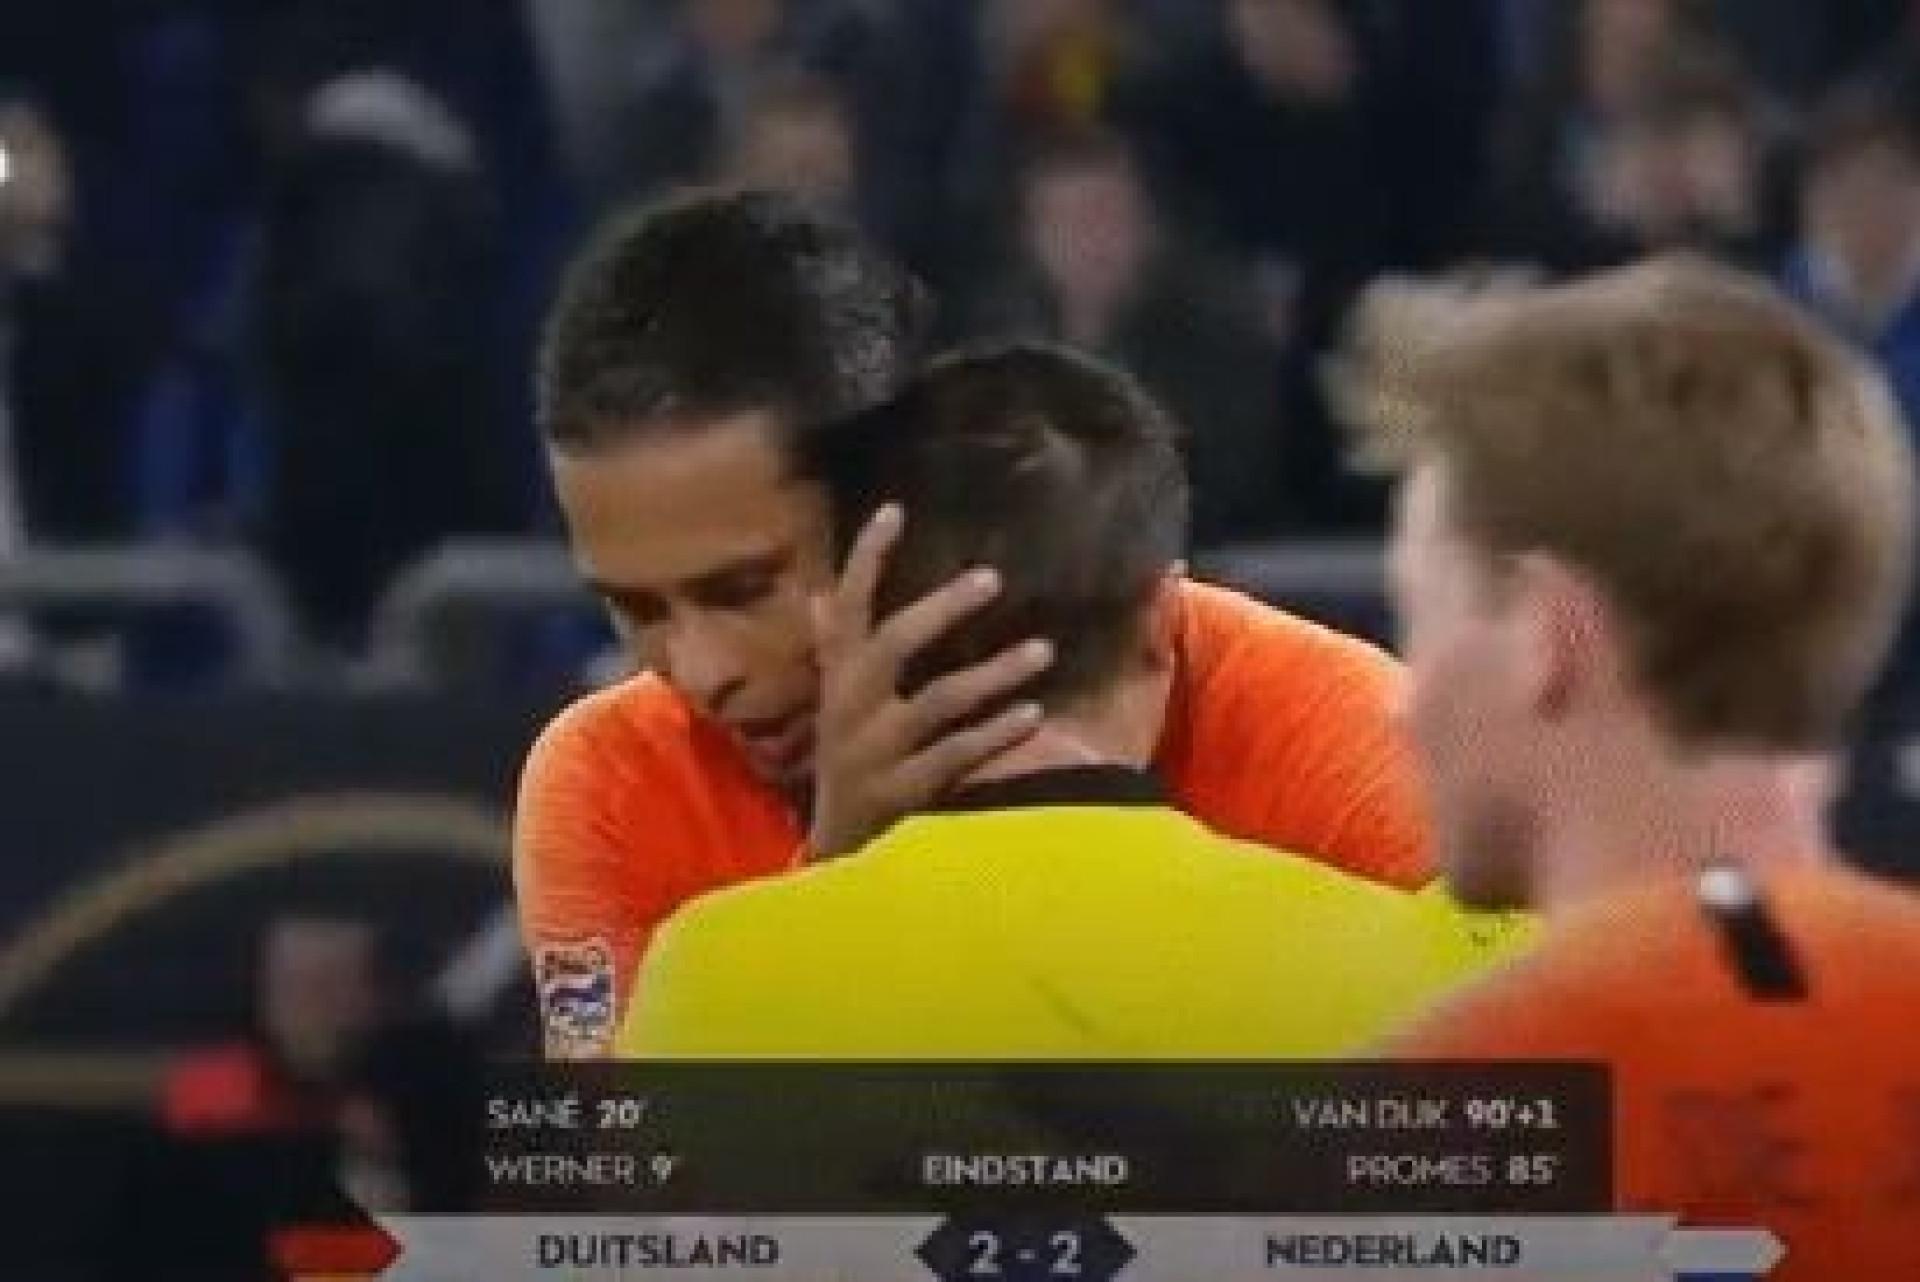 Bonito gesto de Van Dijk para com o árbitro promete correr mundo